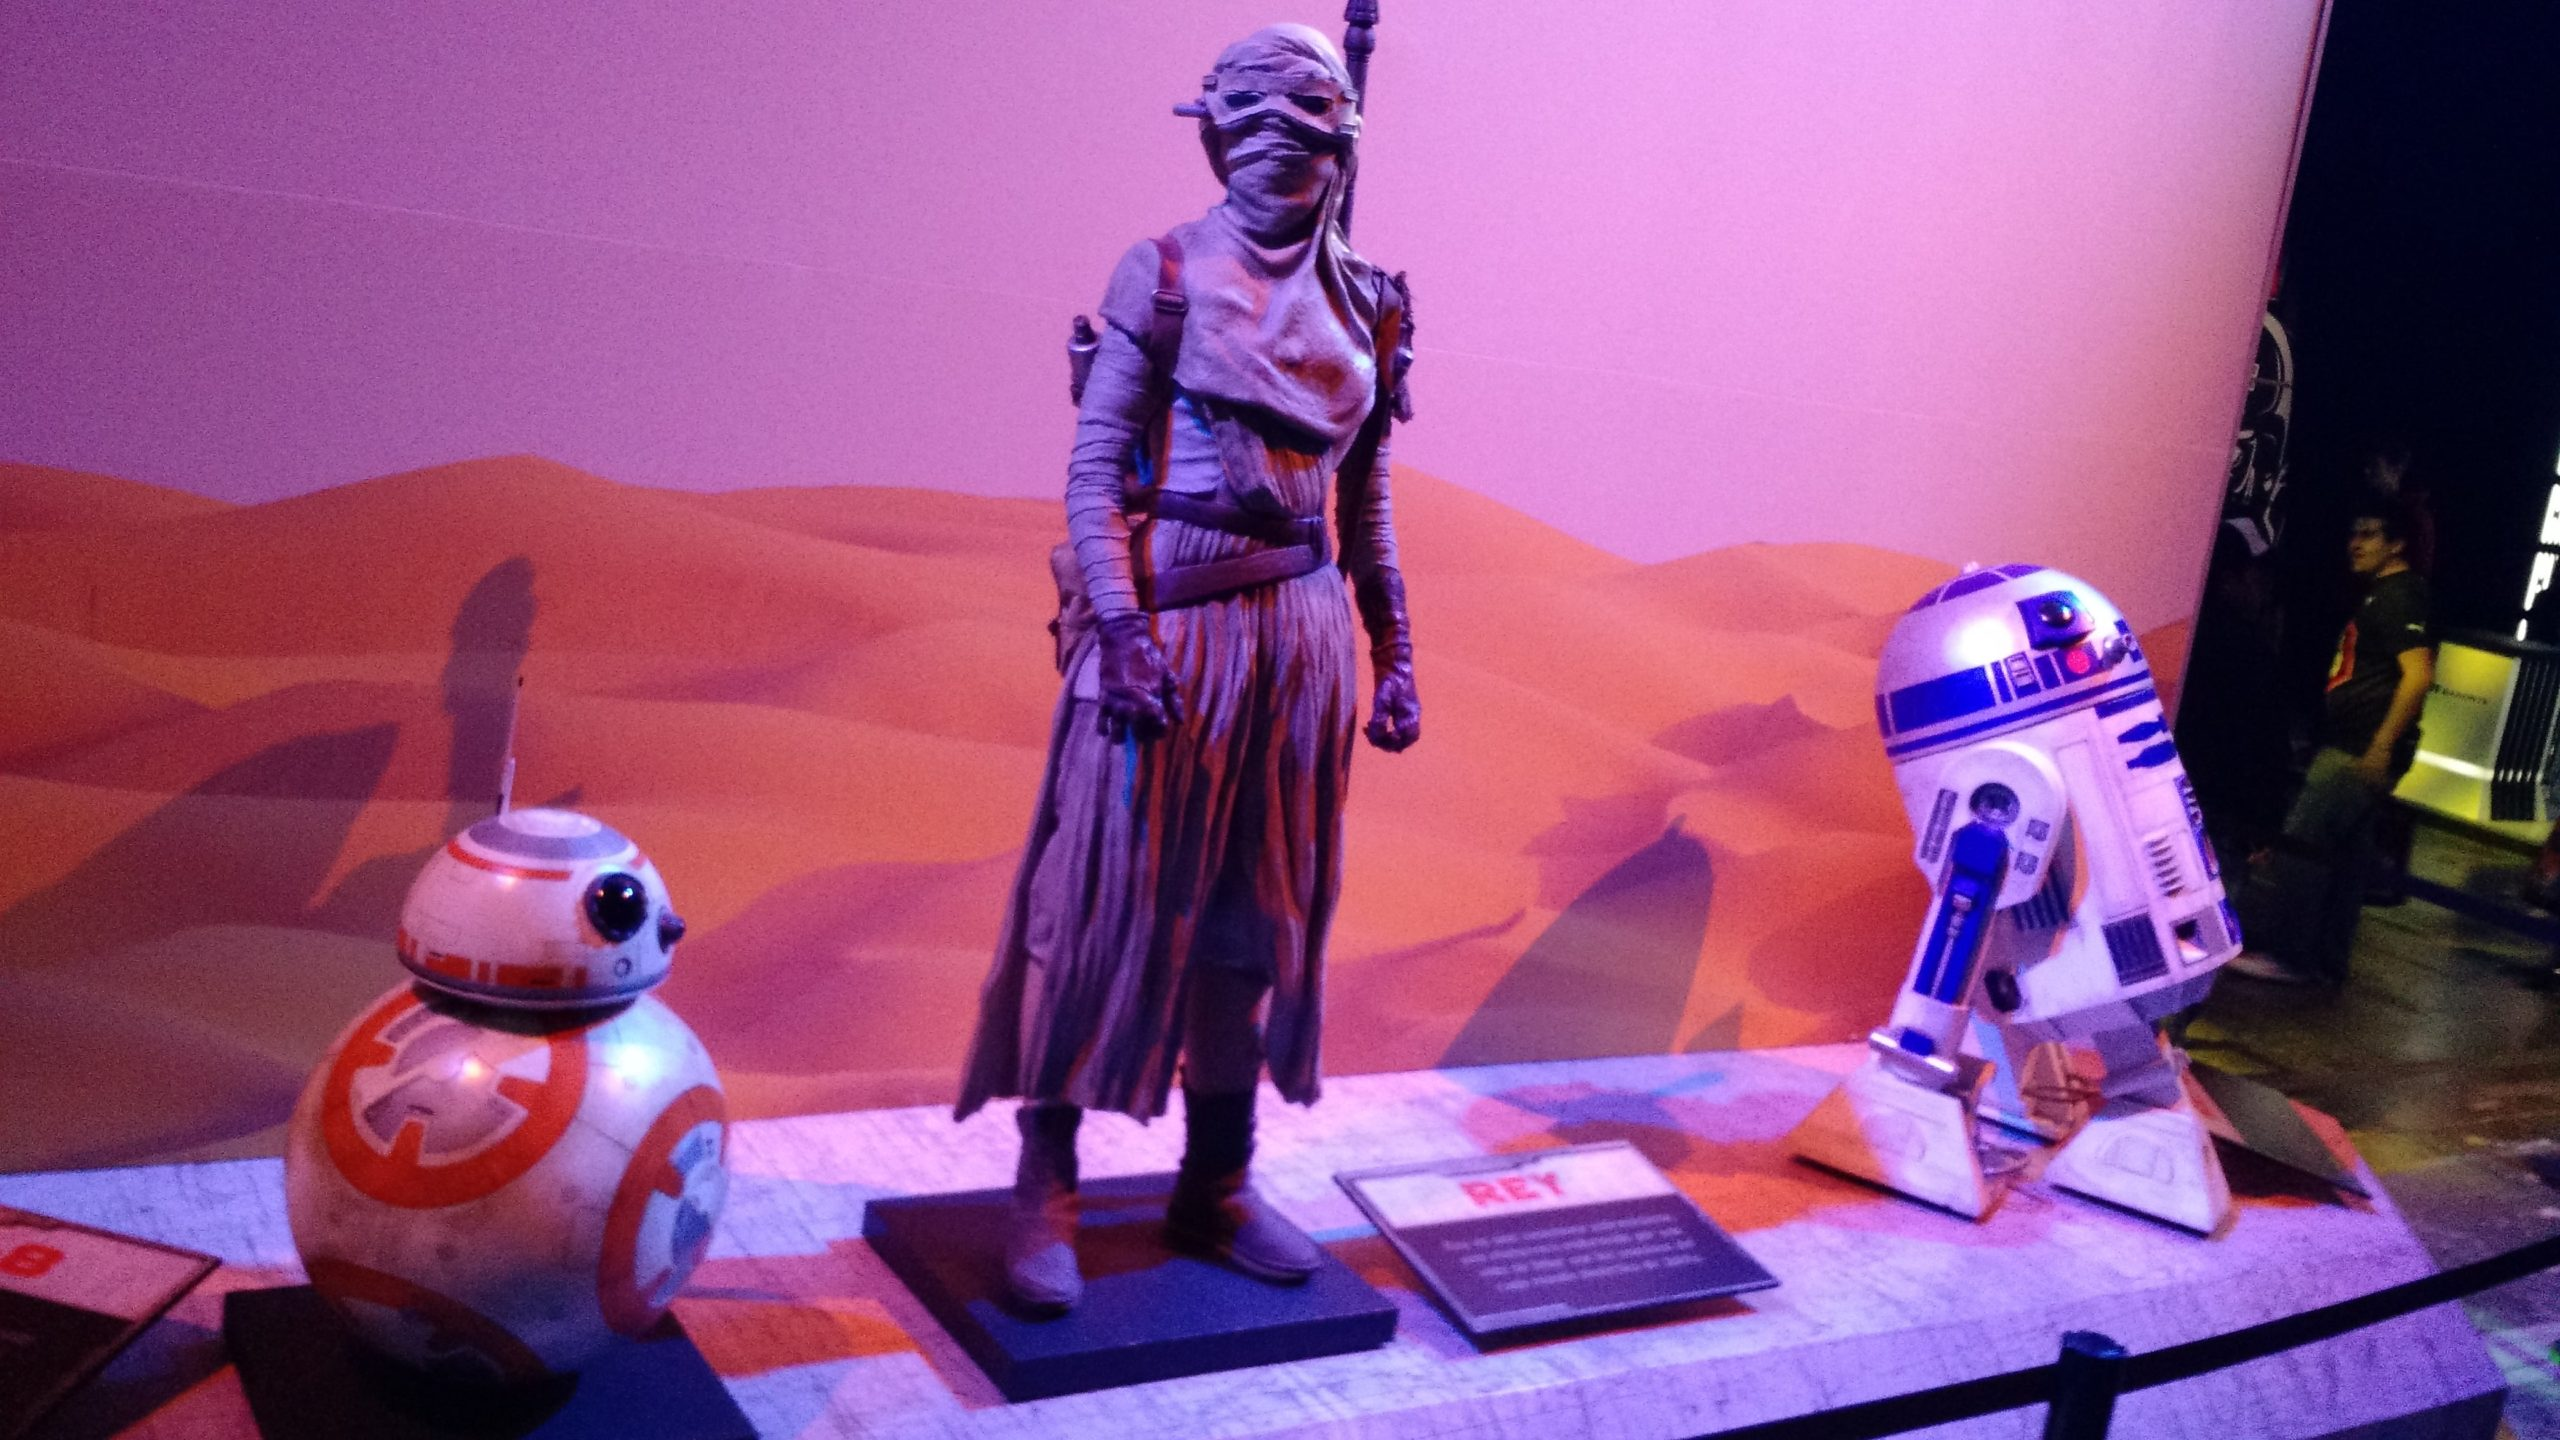 Rey, BB-8, R2-d2